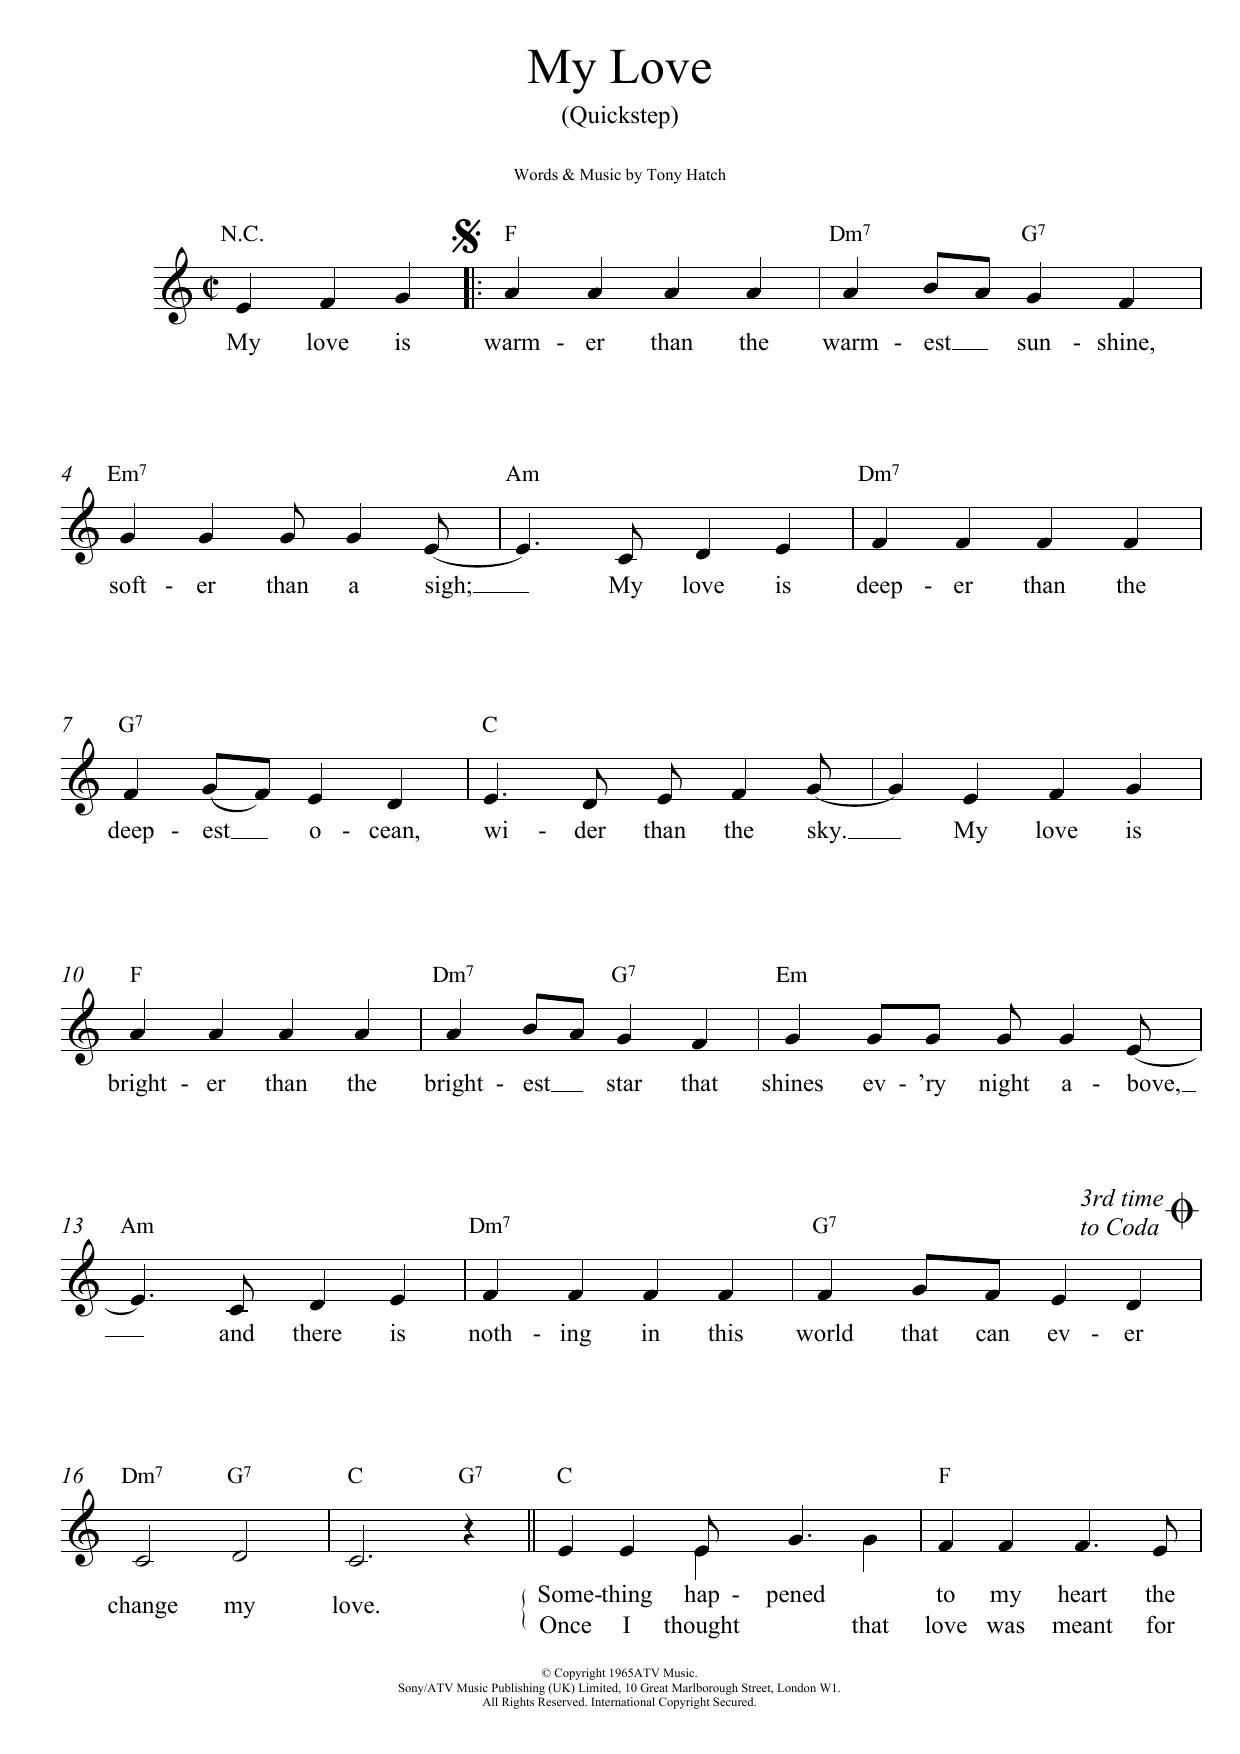 My Love (Quickstep) Sheet Music